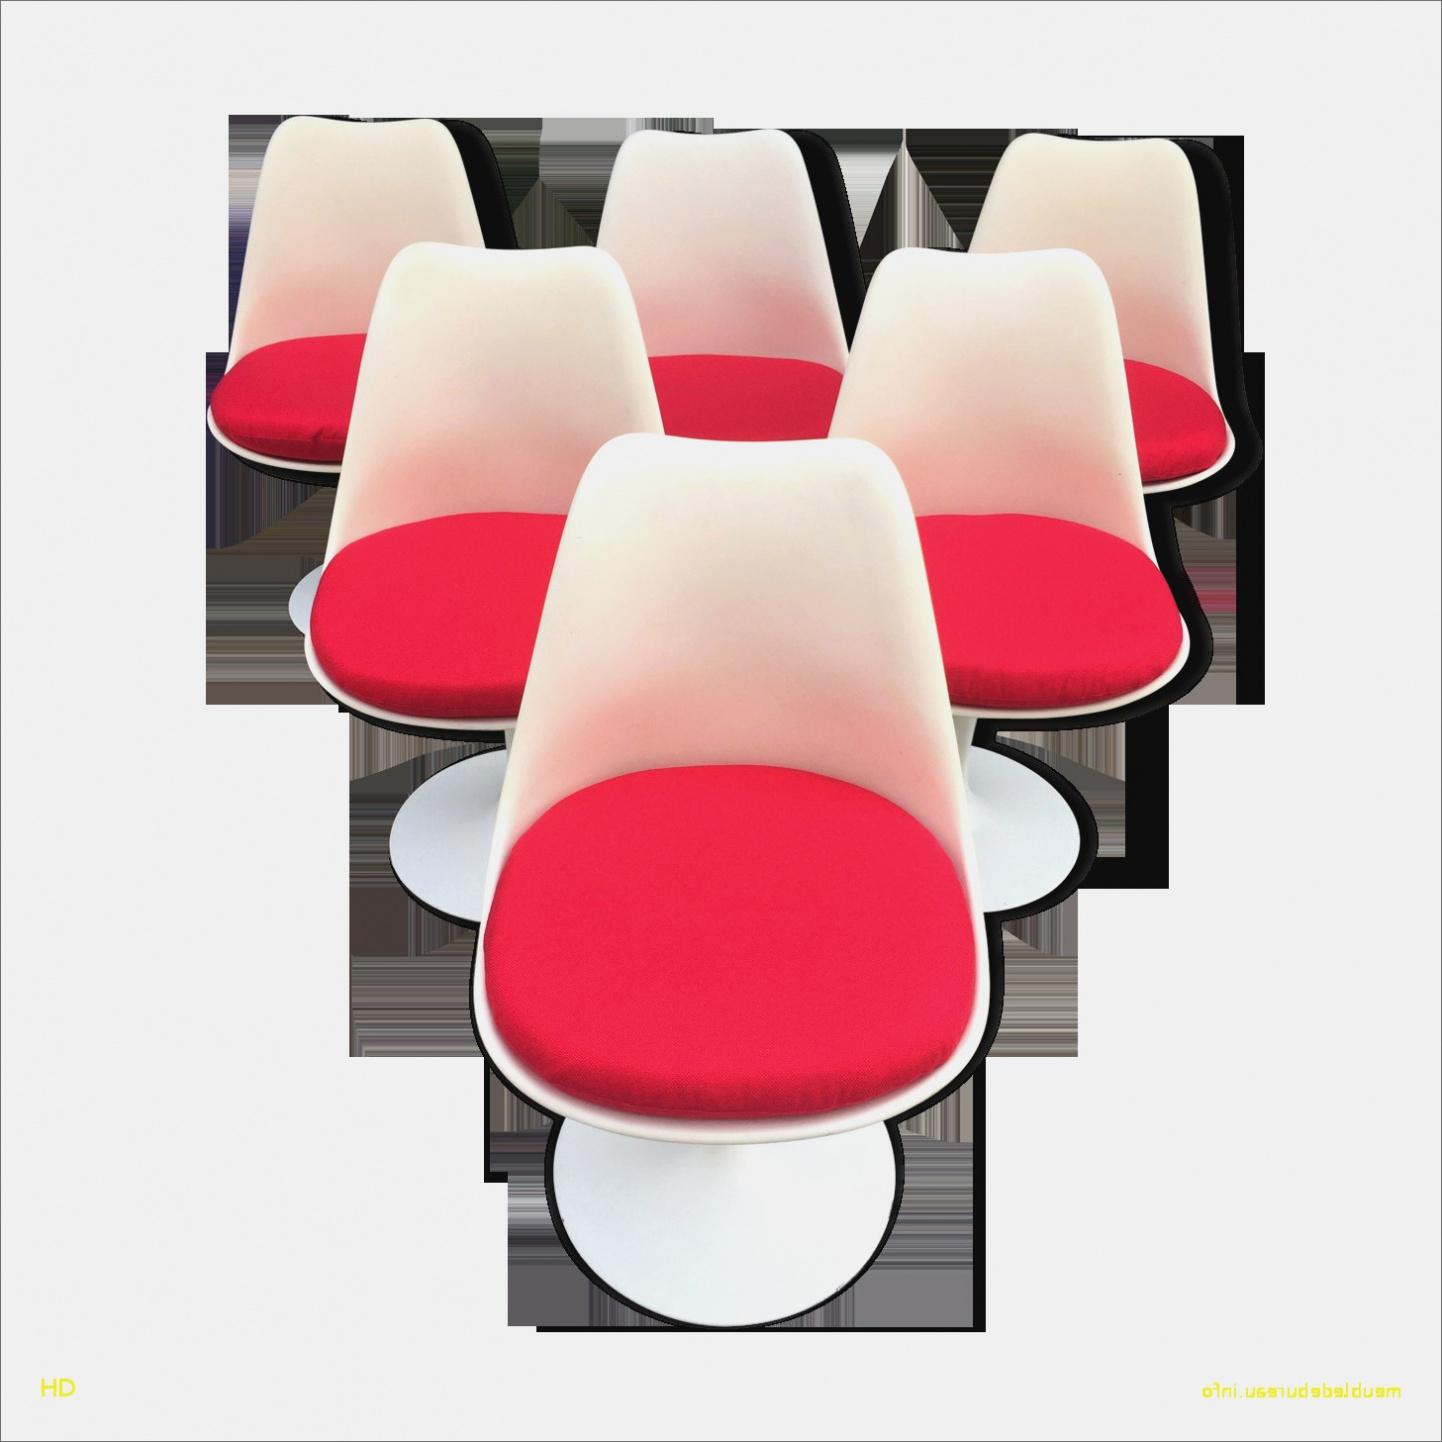 Housse Clic Clac Bleu Canard Beau Collection Chaise Tulip Inspirant Chaise De Bureau Junior Beau Chaise Tulipe 0d